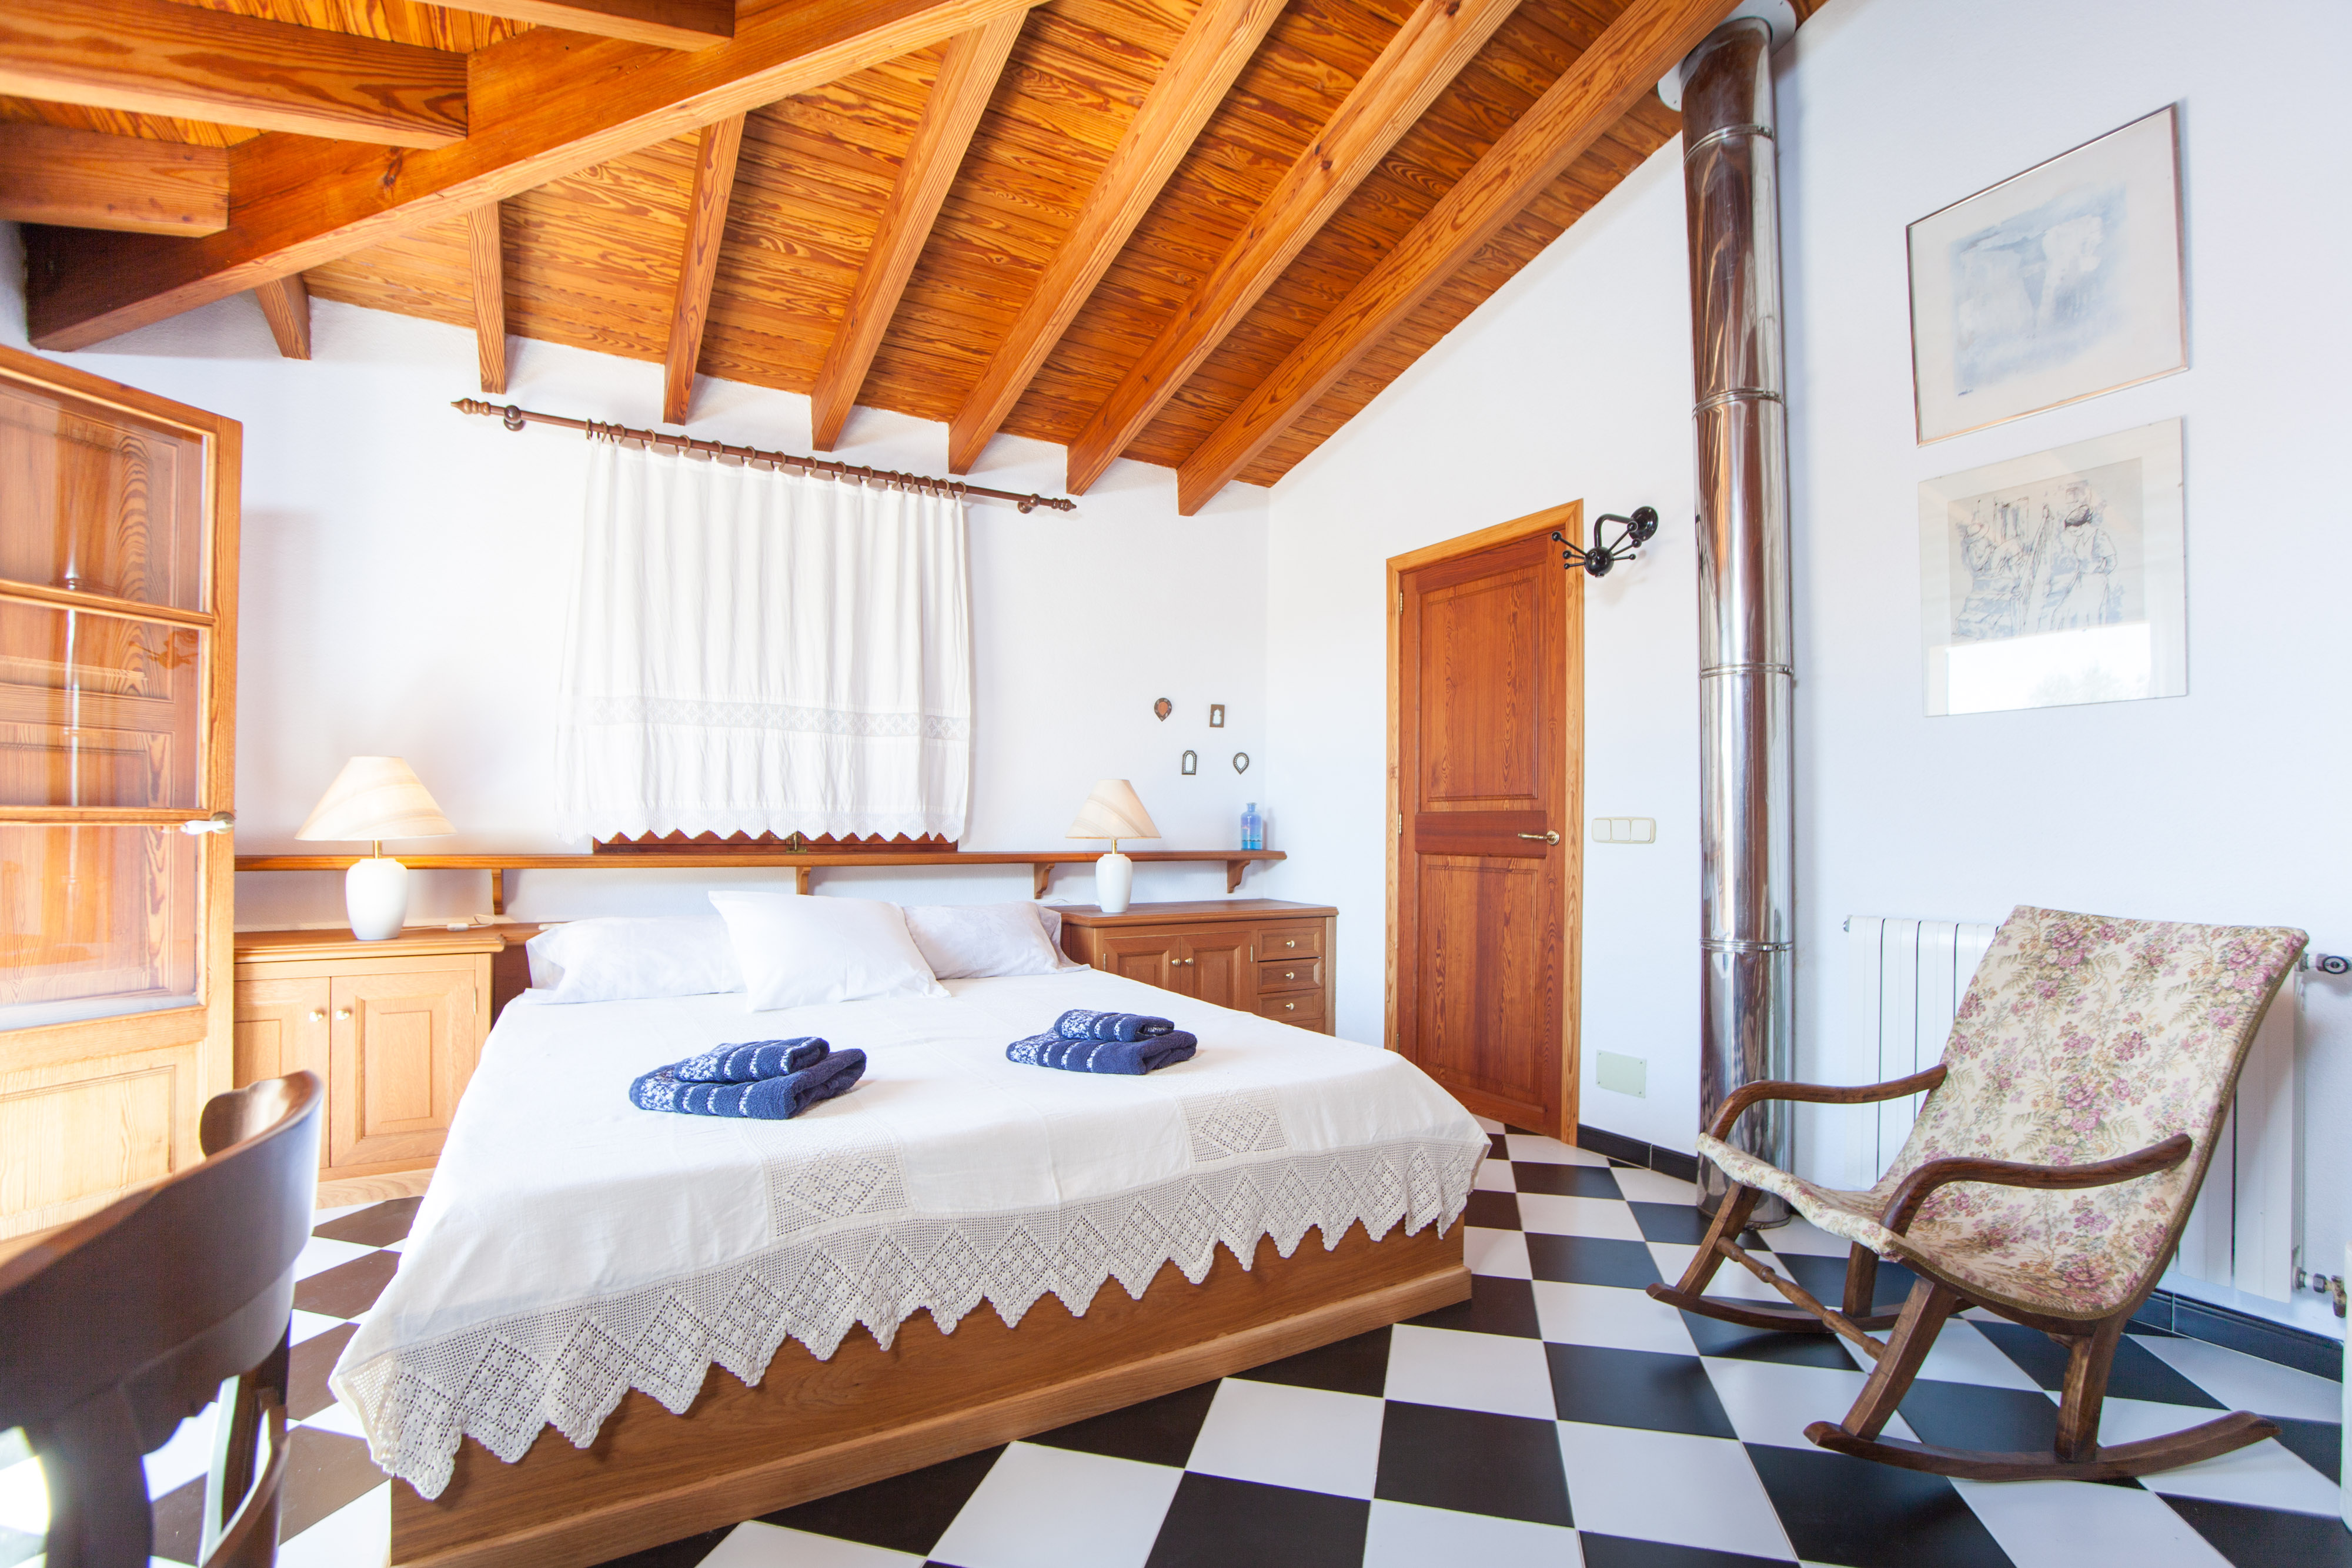 Ferienhaus SOS MONJOS (2177982), Arta, Mallorca, Balearische Inseln, Spanien, Bild 24